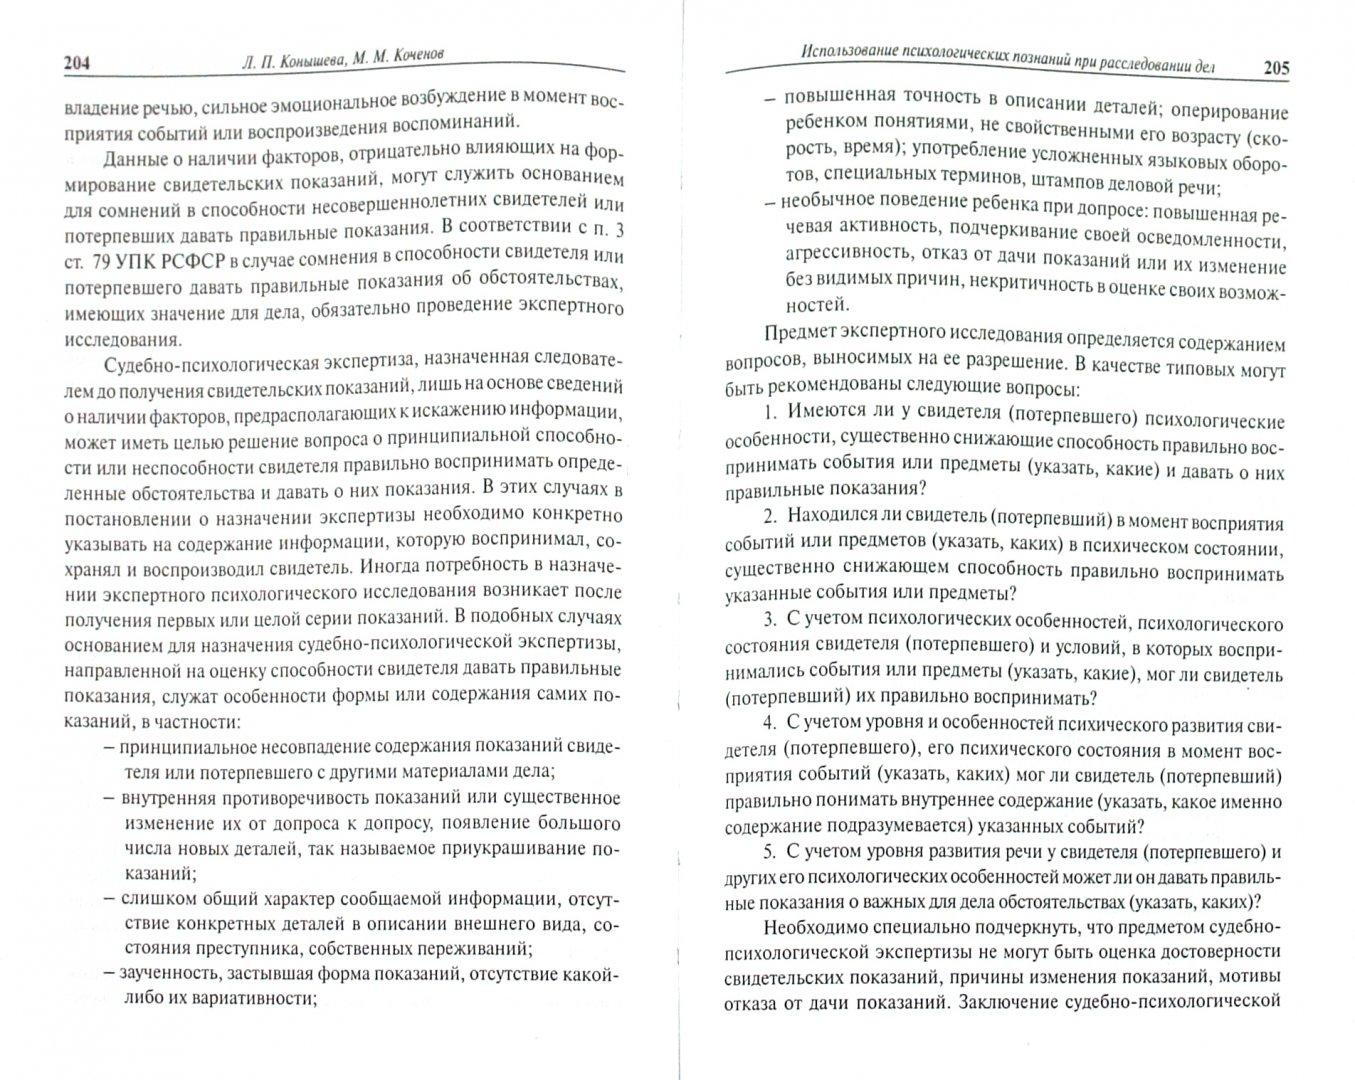 Иллюстрация 1 из 11 для Судебно-психологическая экспертиза: теория и практика - Михаил Коченов | Лабиринт - книги. Источник: Лабиринт